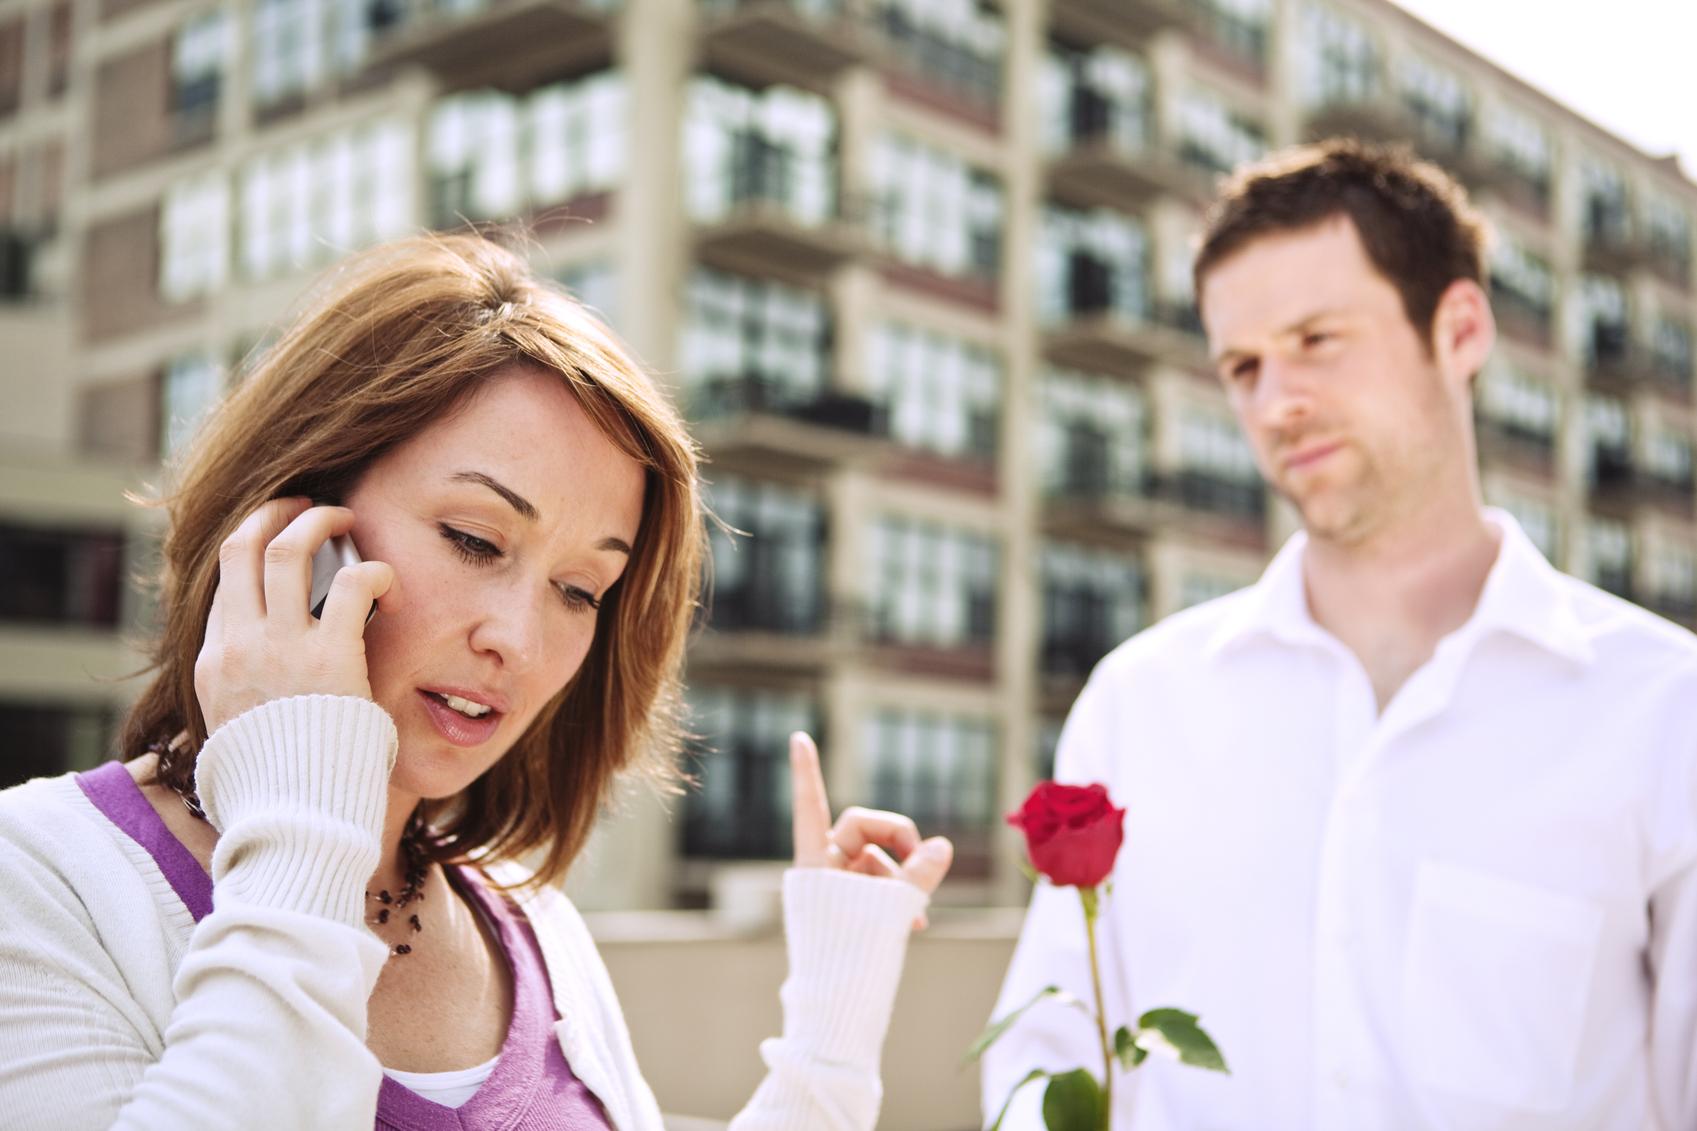 знакомство психология мужчины женщины